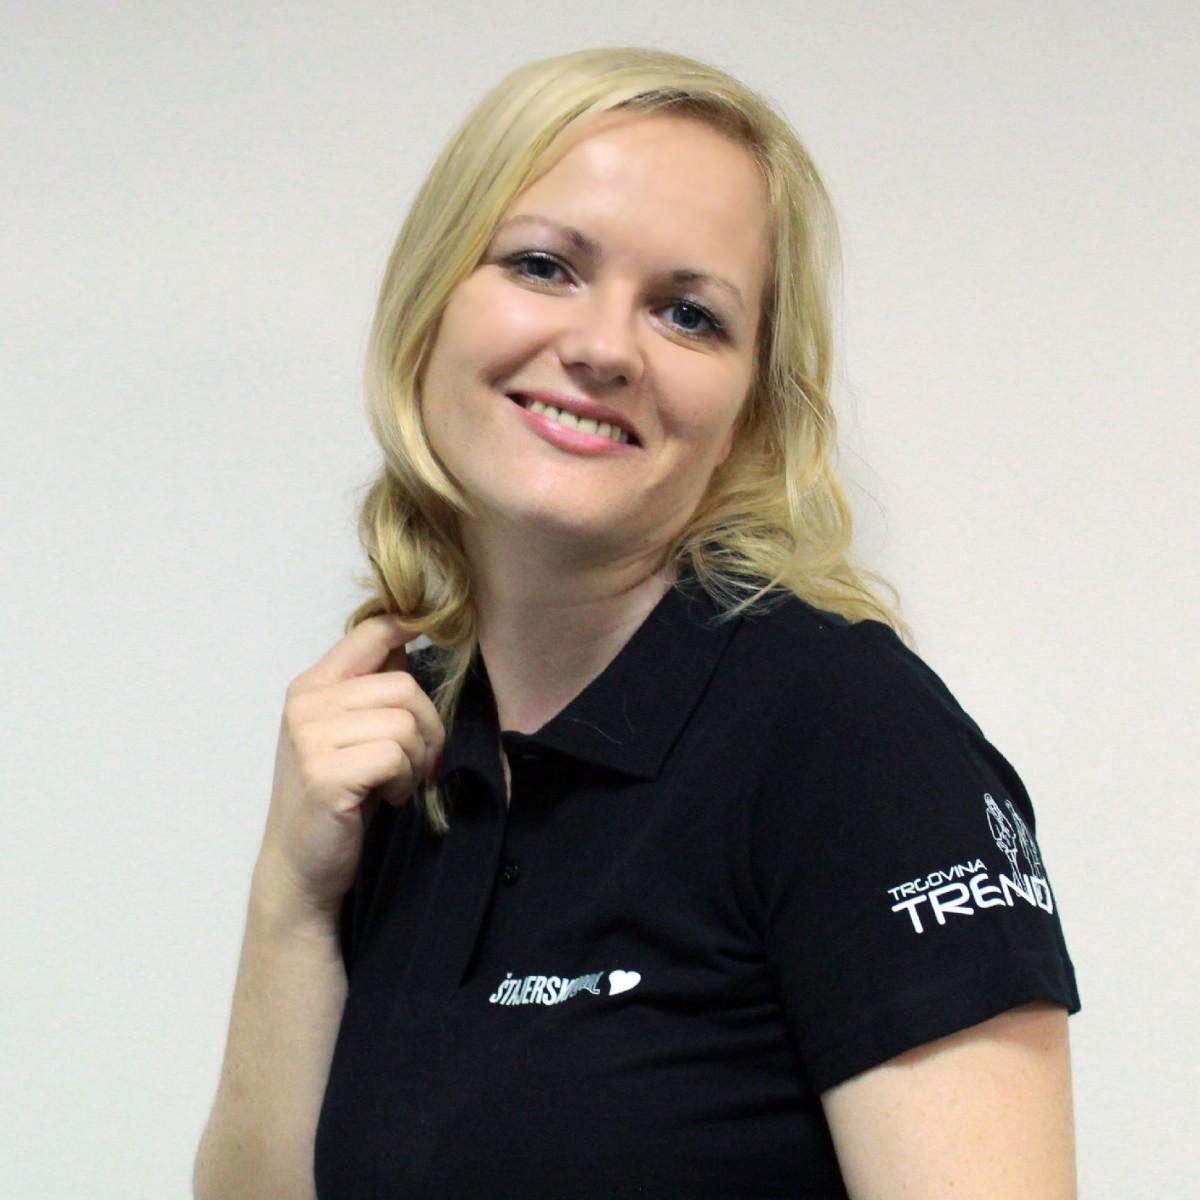 Ksenija Grobelnik Jager